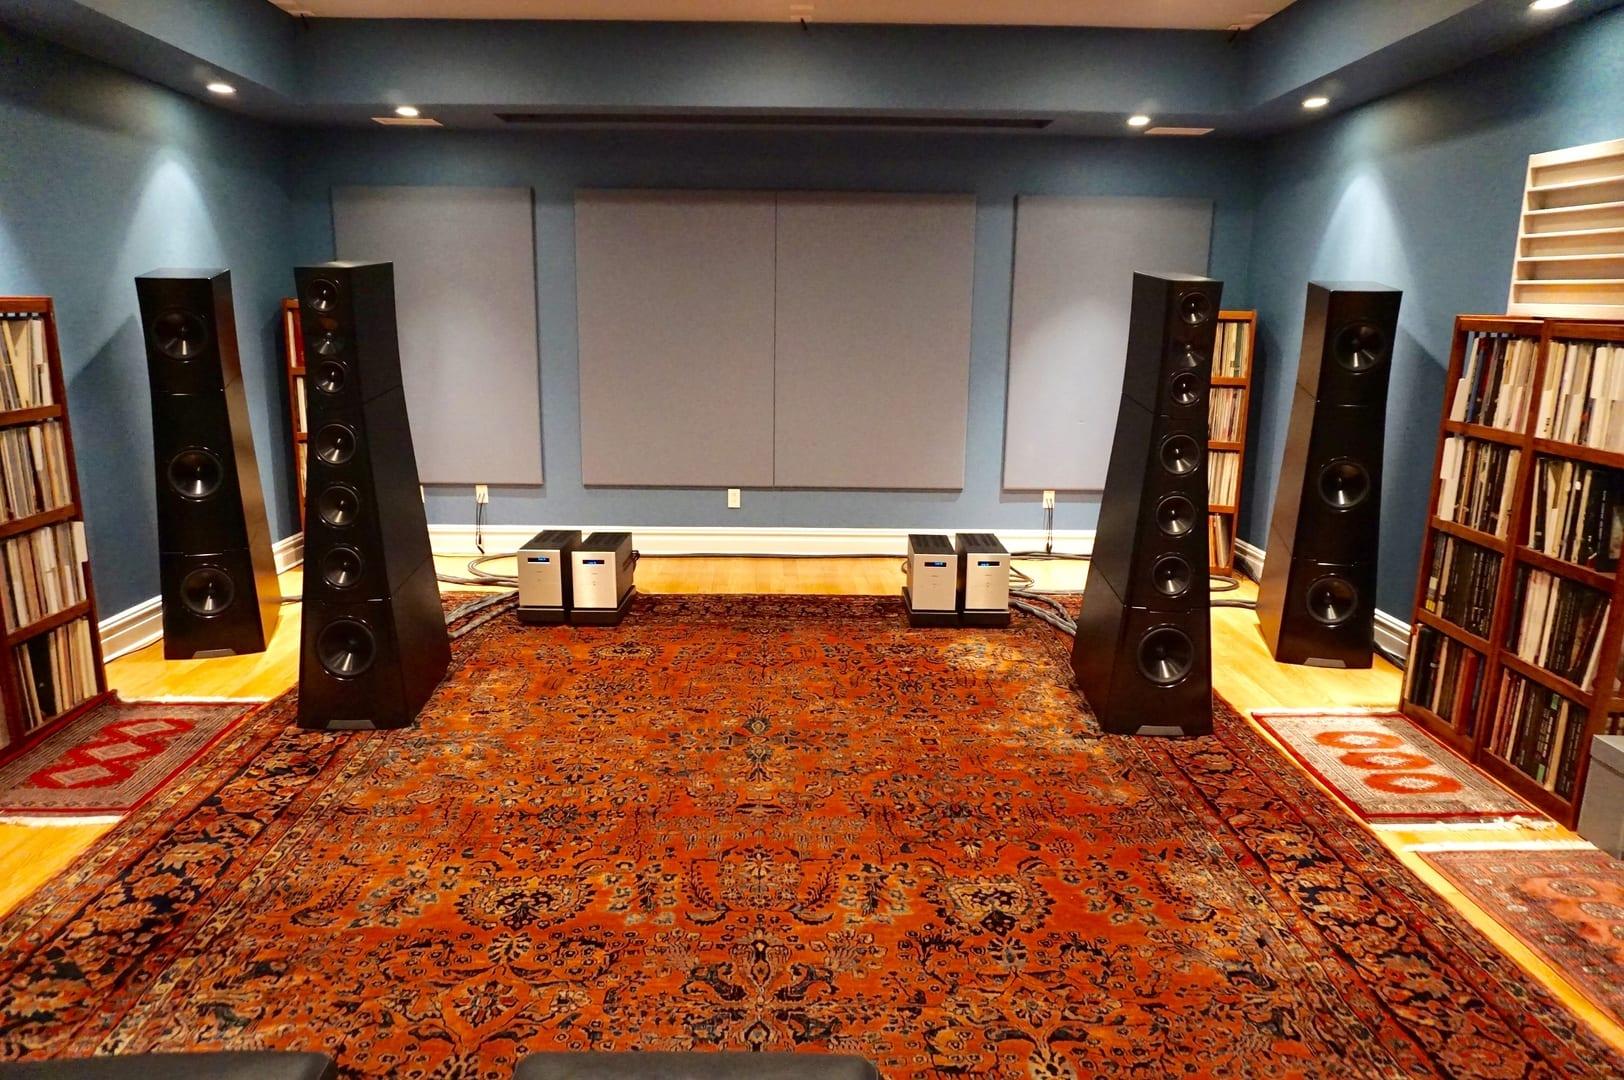 First Listen: YG Acoustics' flagship Sonja XV four-tower loudspeaker system